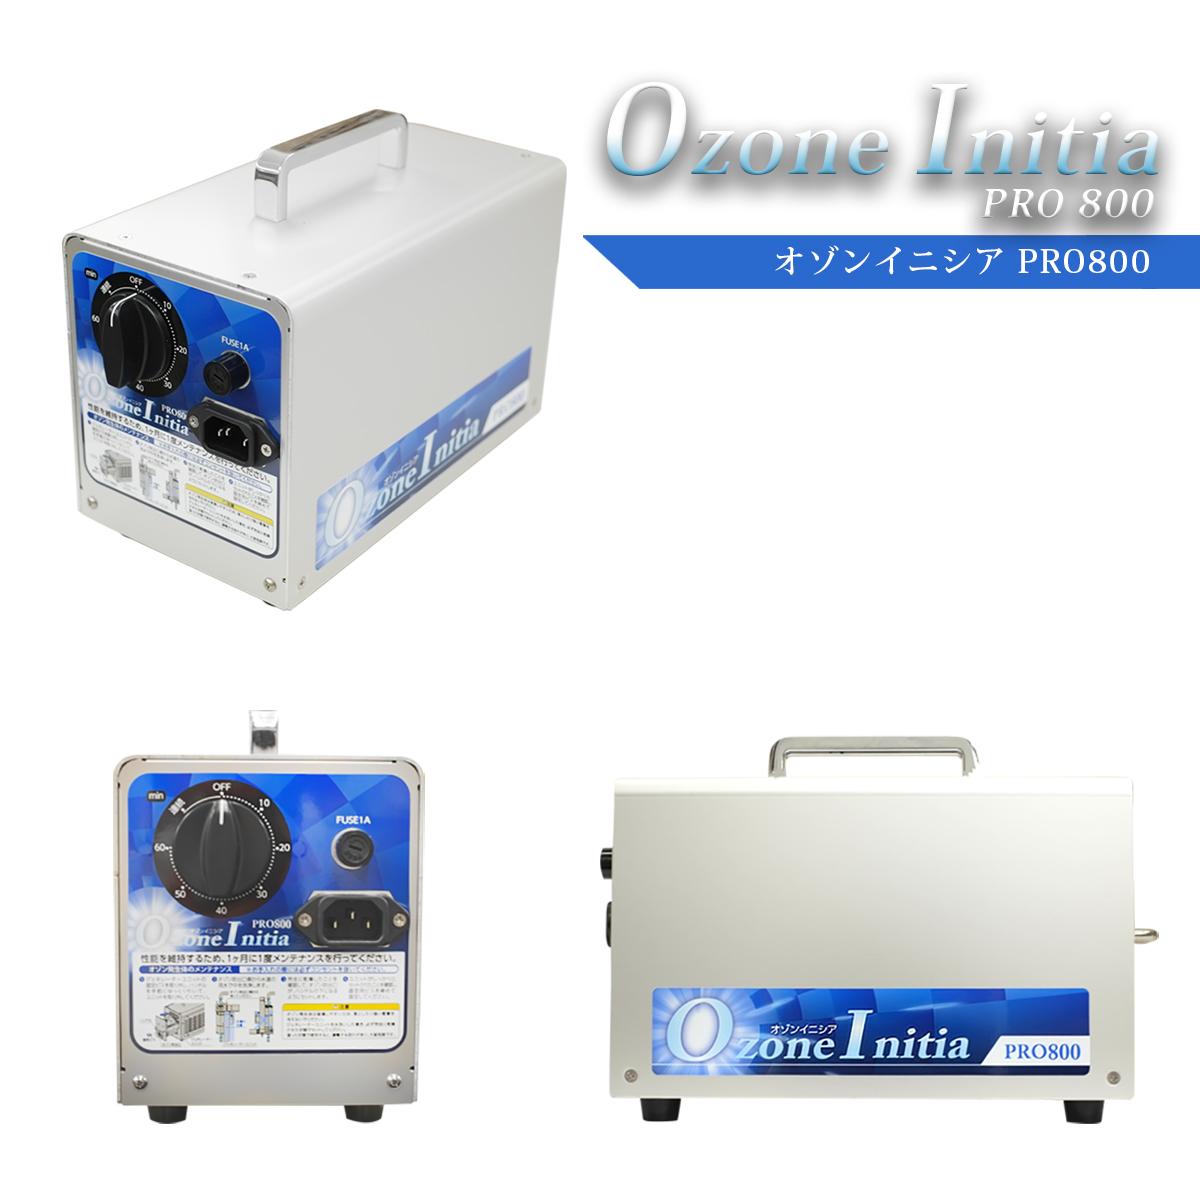 オゾンイニシアPRO800 業務用脱臭機・消臭機 車内 室内のイヤなニオイを強力脱臭 (ozoneinitiapro800)